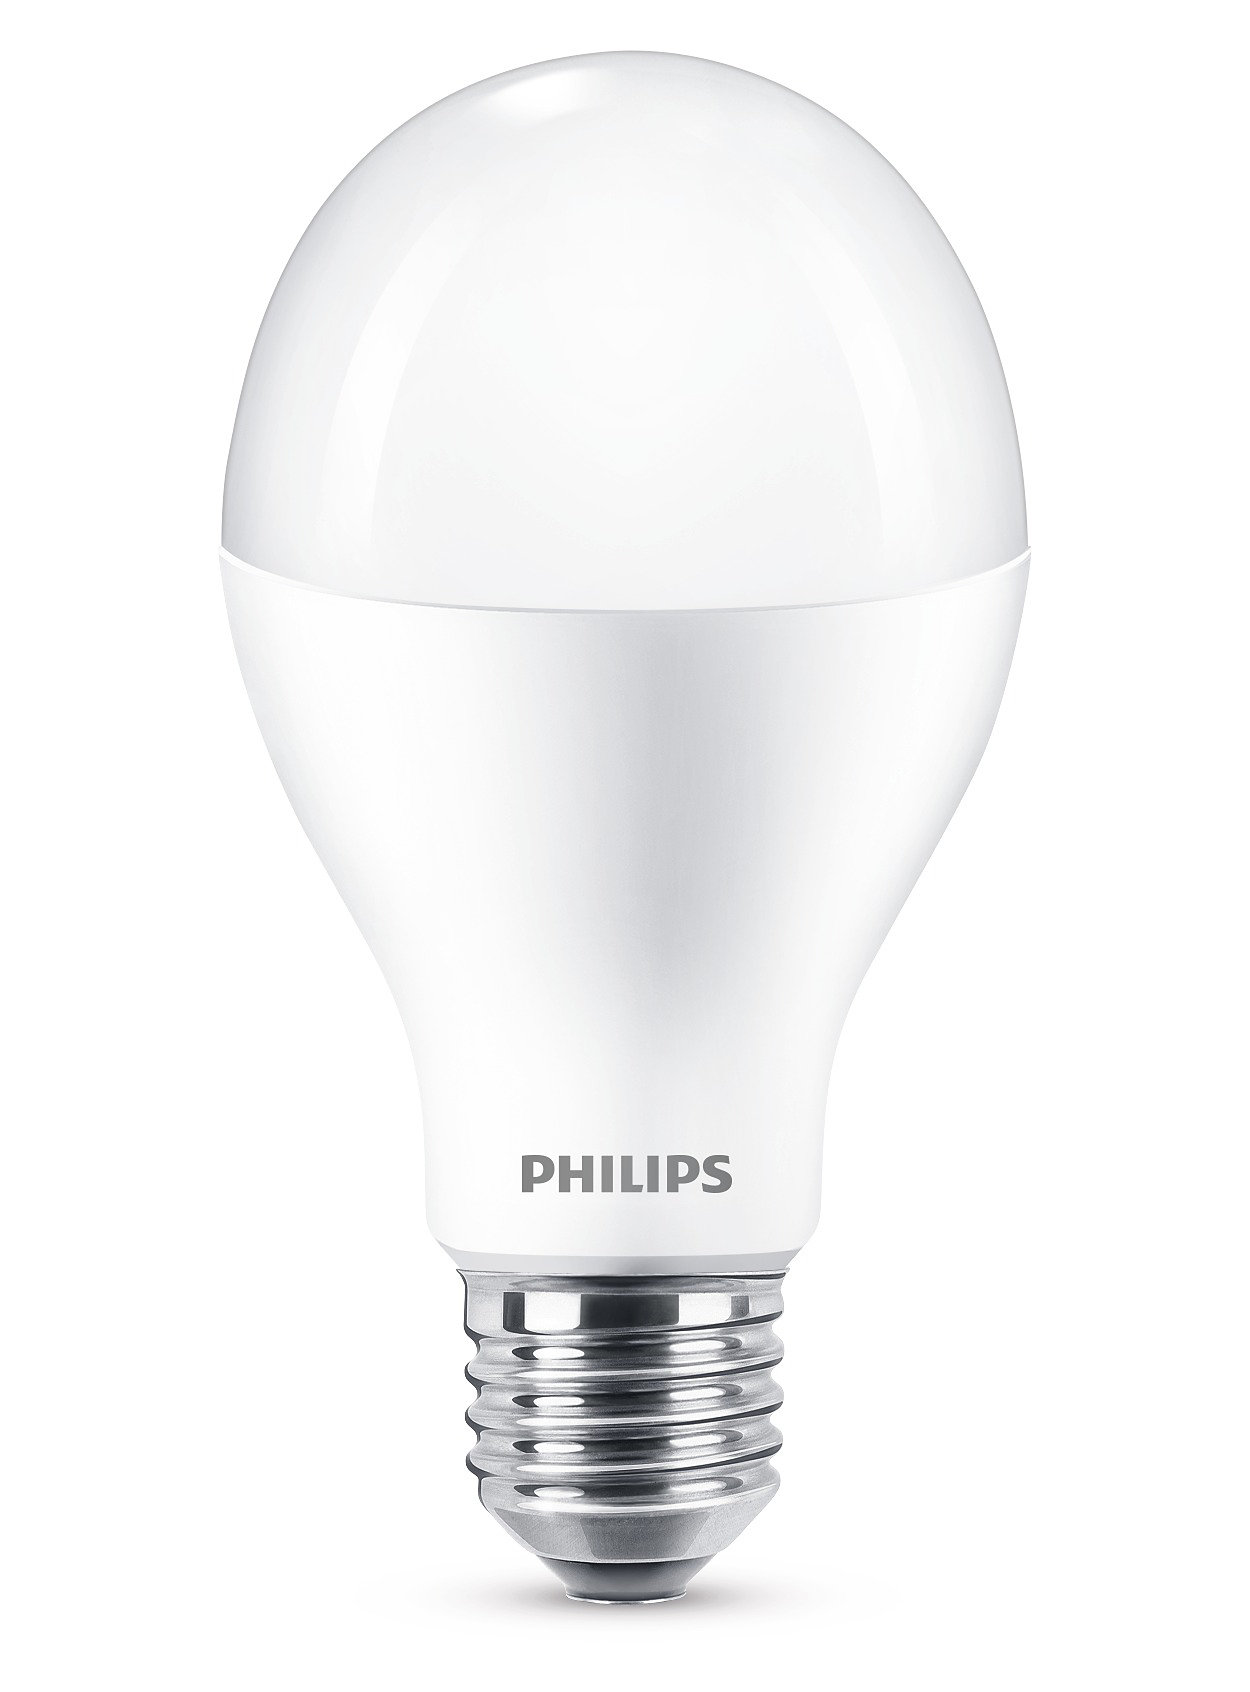 Velmi kvalitní teple bílé osvětlení